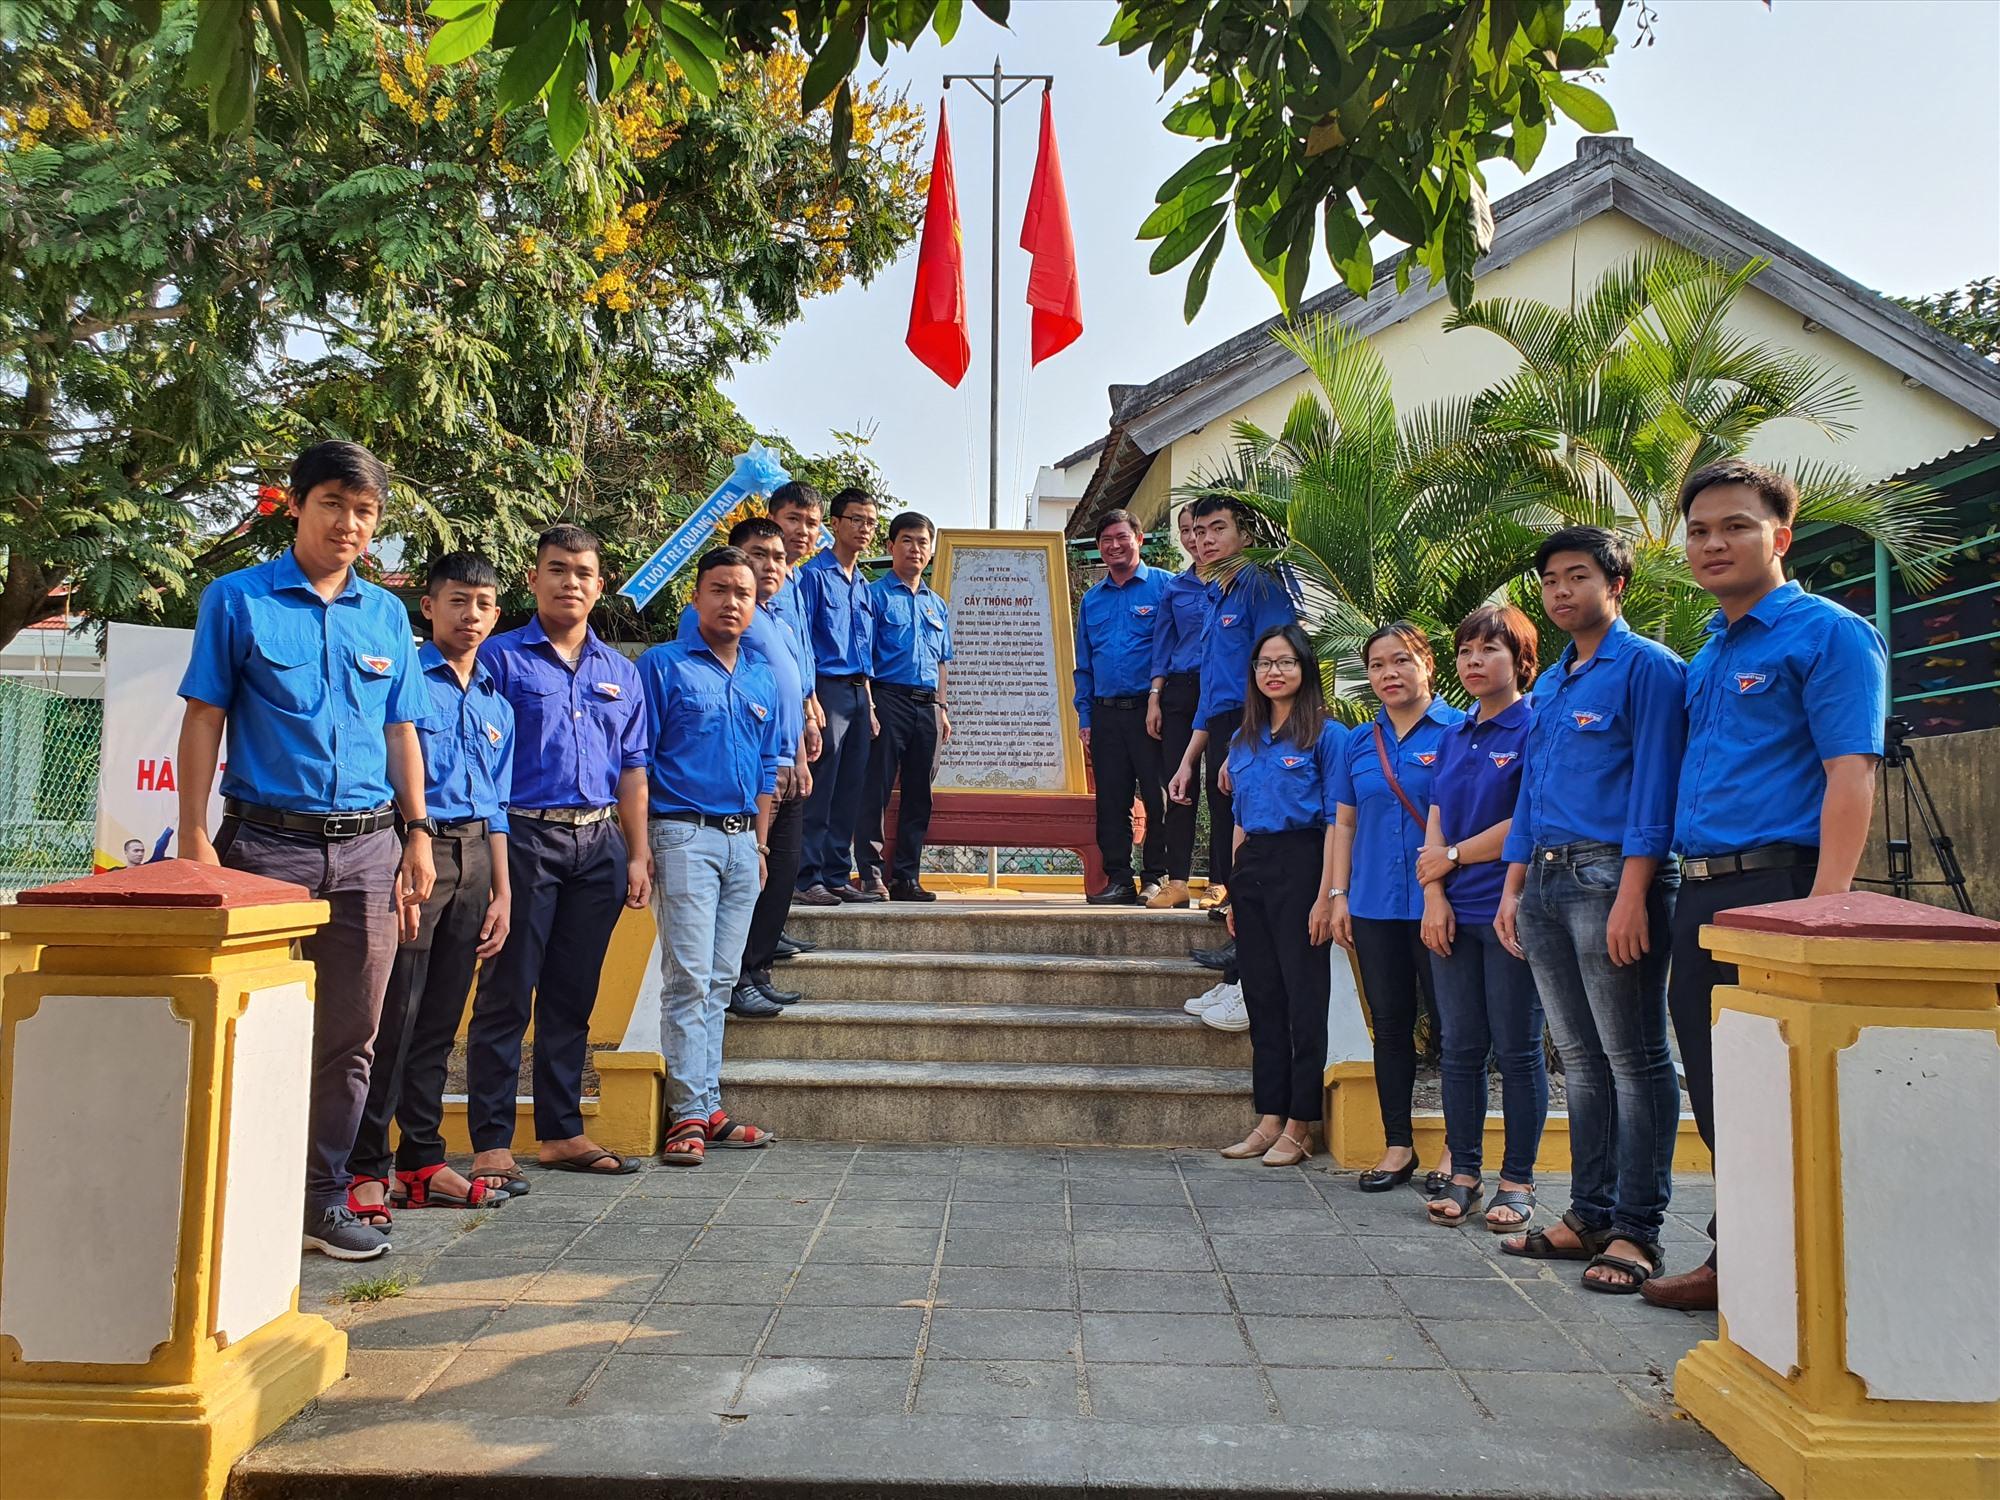 Tỉnh đoàn tổ chức dâng hoa tri ân tại Di tích Cây Thông Một